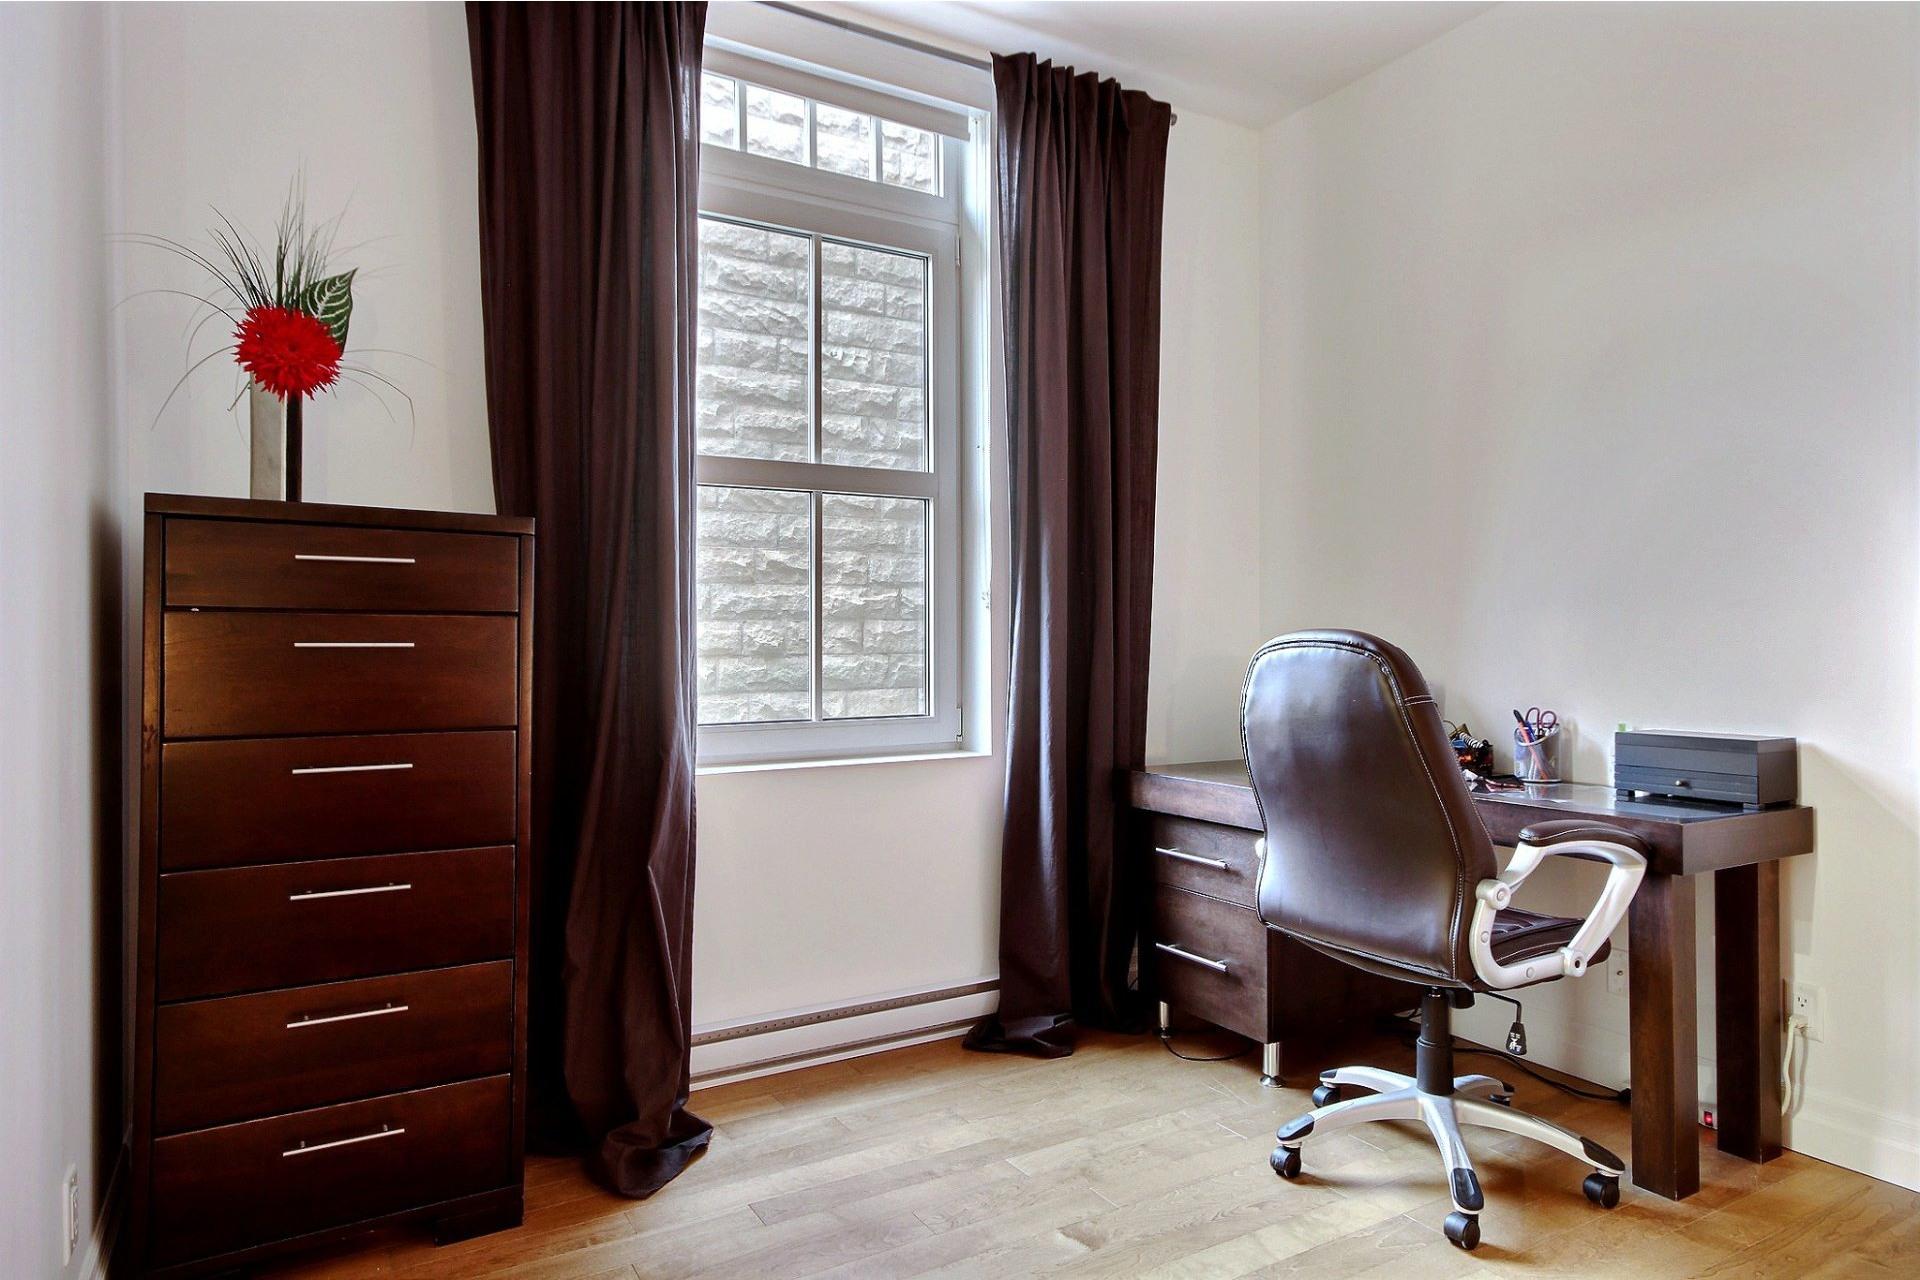 image 19 - Appartement À vendre Sainte-Foy/Sillery/Cap-Rouge Québec  - 7 pièces